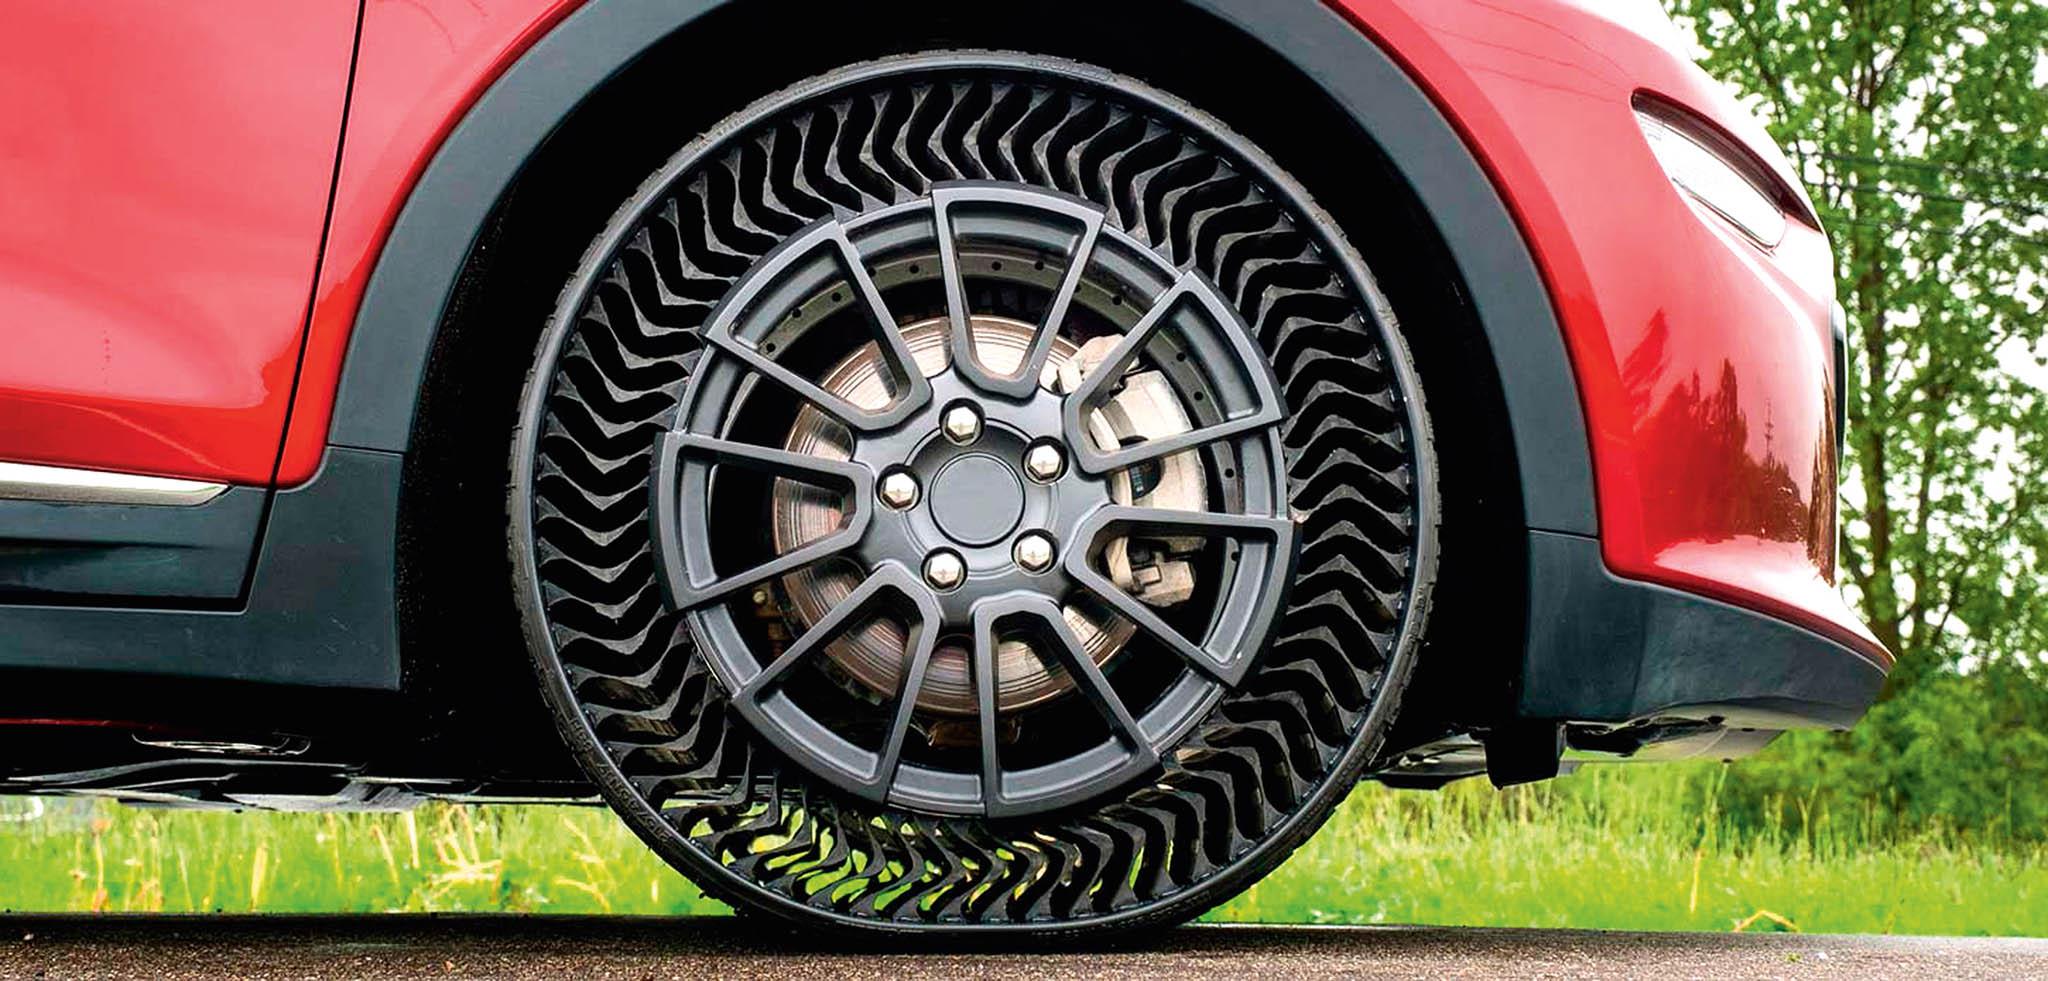 Michelin vyvinul pneumatiku,která nepotřebuje stlačený vzduch. Nahrazují ho pružná žebra. Pneumatika by se natrhu měla objevit zapět let.